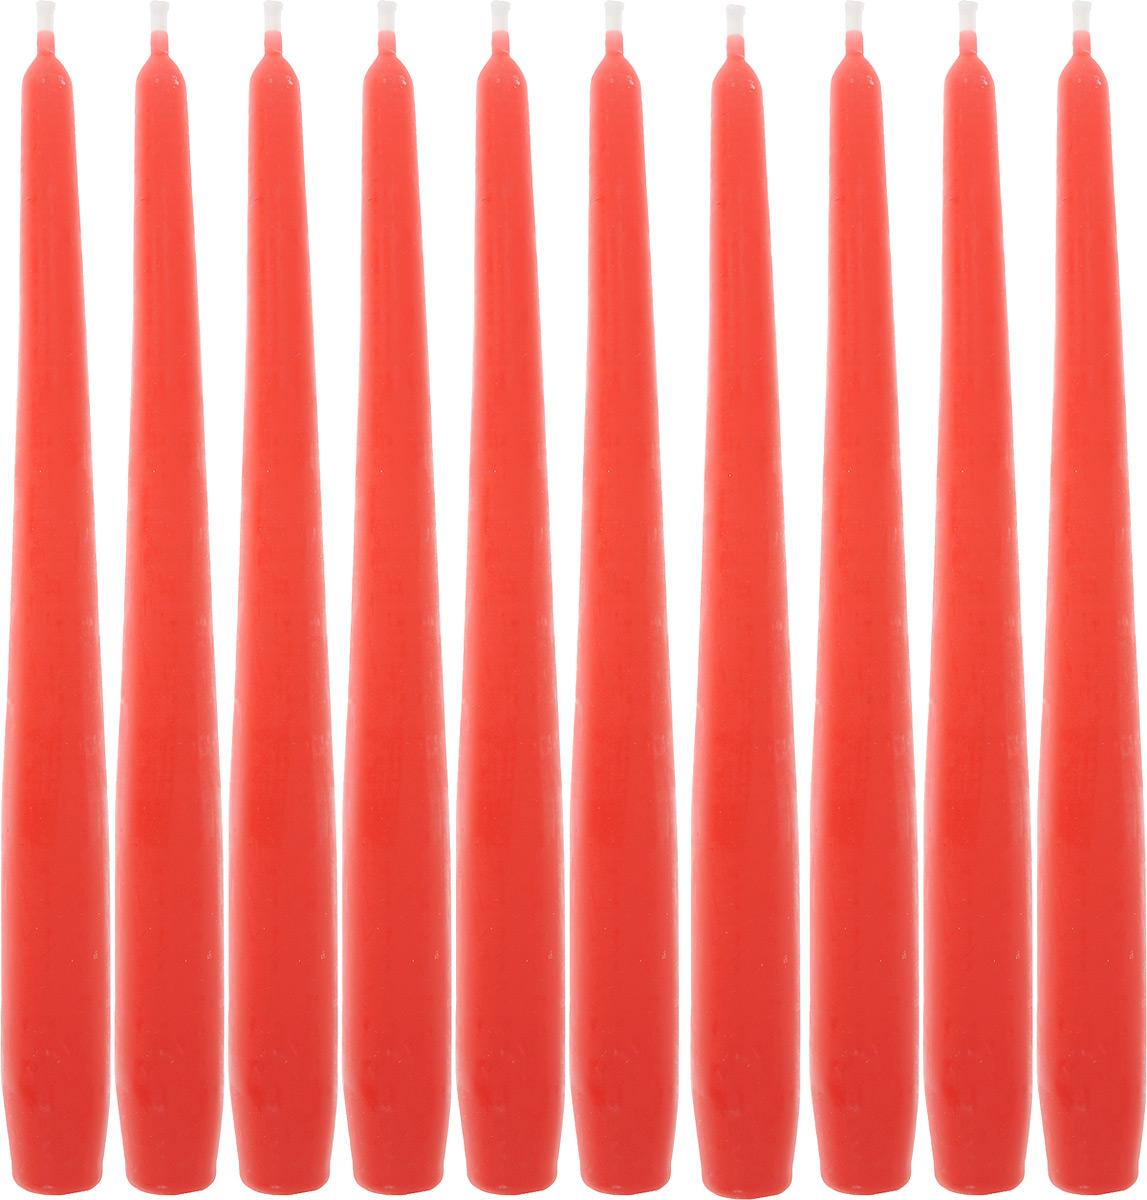 Набор свечей Омский cвечной завод, цвет: красный, высота 24 см, 10 шт331119/001918Набор Омский cвечной завод состоит из 10 свечей, изготовленных из парафина и хлопчатобумажной нити. Такие свечи создадут атмосферу таинственности и загадочности и наполнят ваш дом волшебством и ощущением праздника. Хороший сувенир для друзей и близких.Примерное время горения: 7 часов. Высота: 24 см. Диаметр: 2 см.